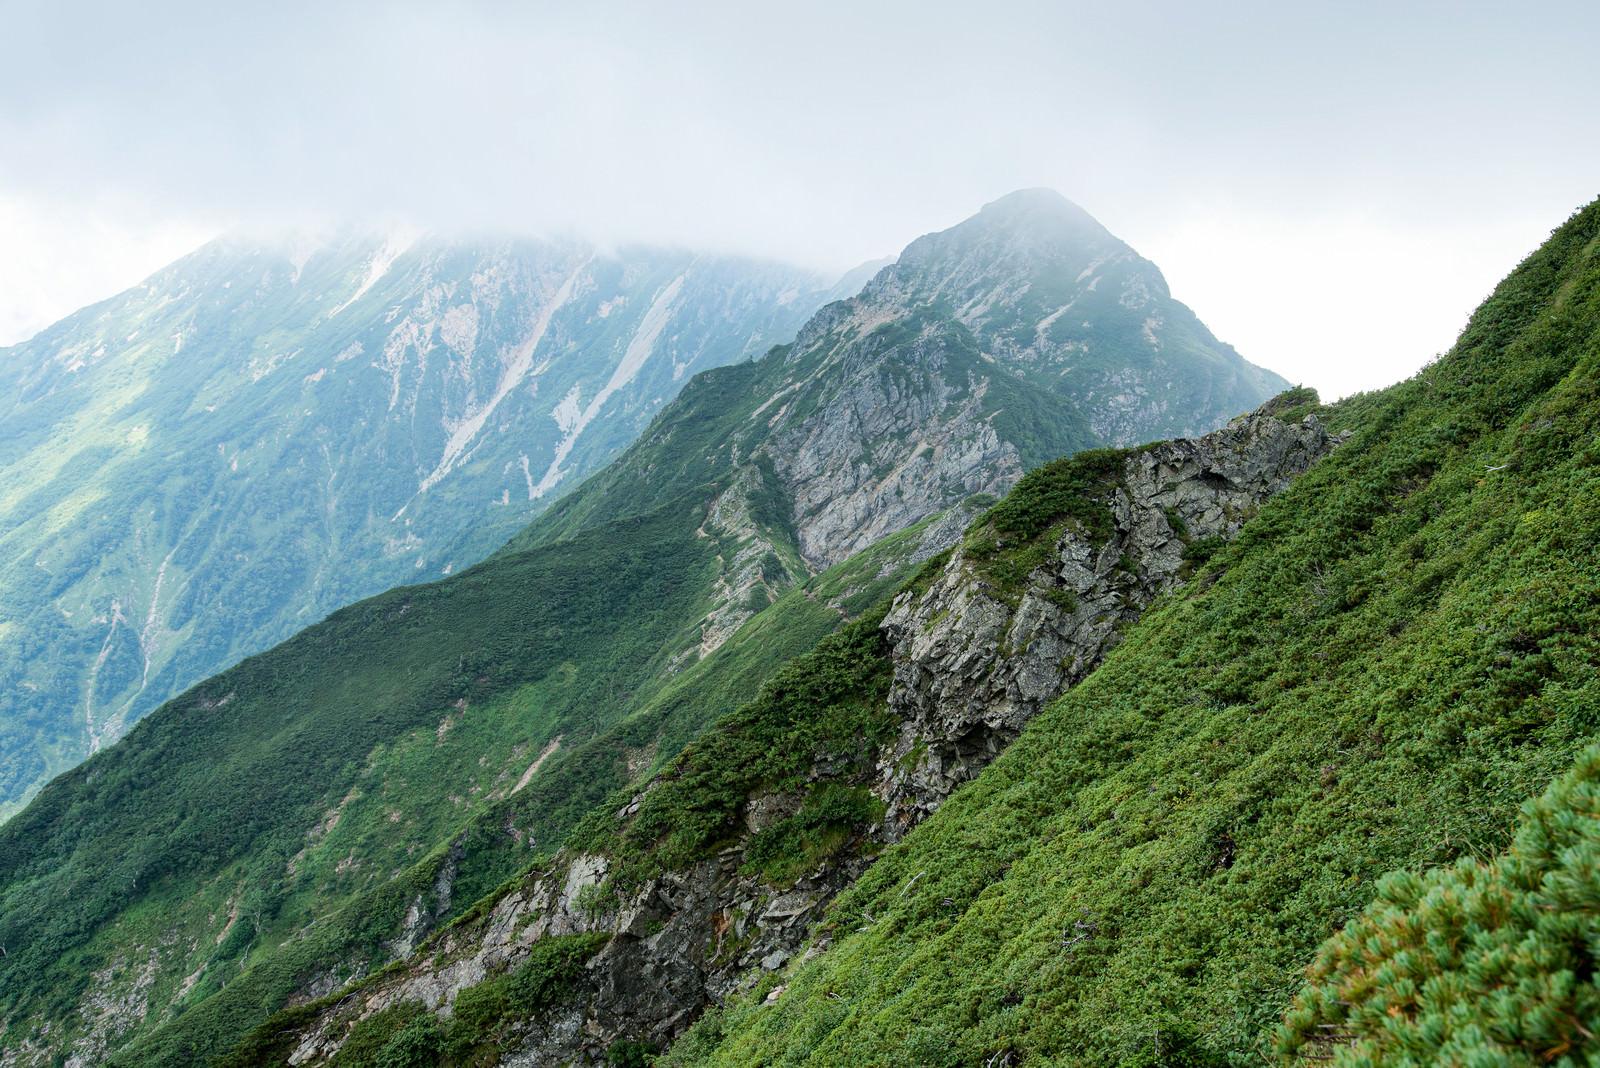 「雲で隠れた岩尾根と切り立つ山々」の写真